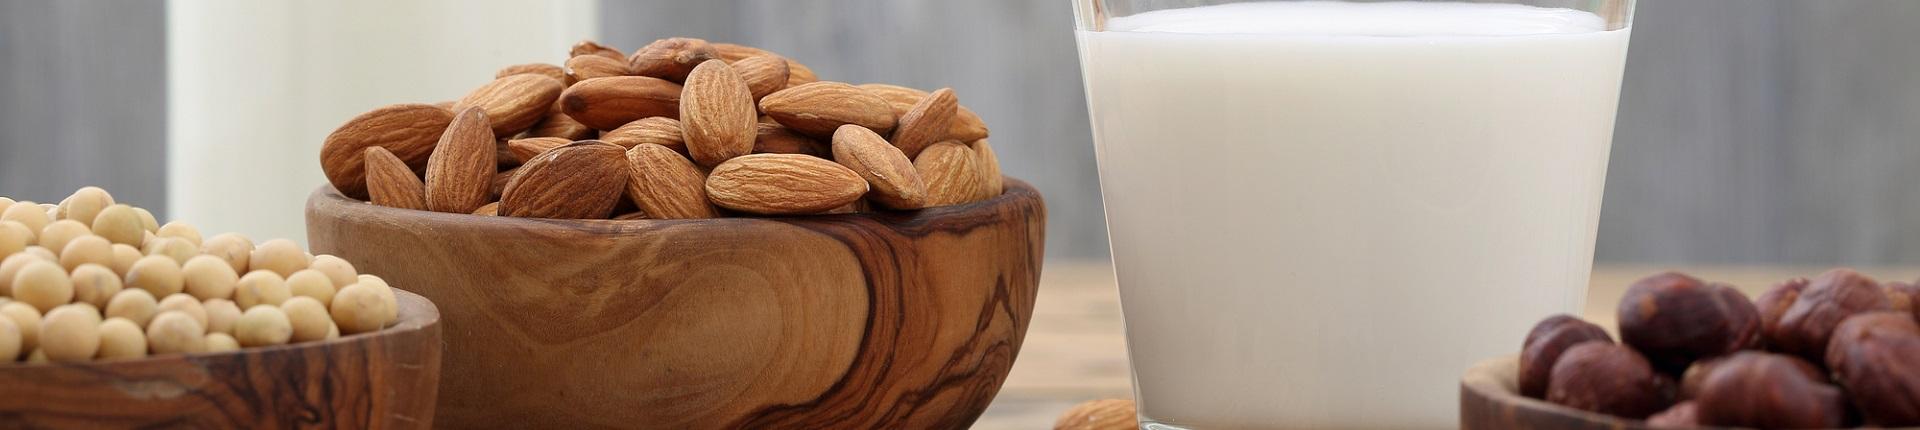 Jakie mleko roślinne ma najmniej kalorii?